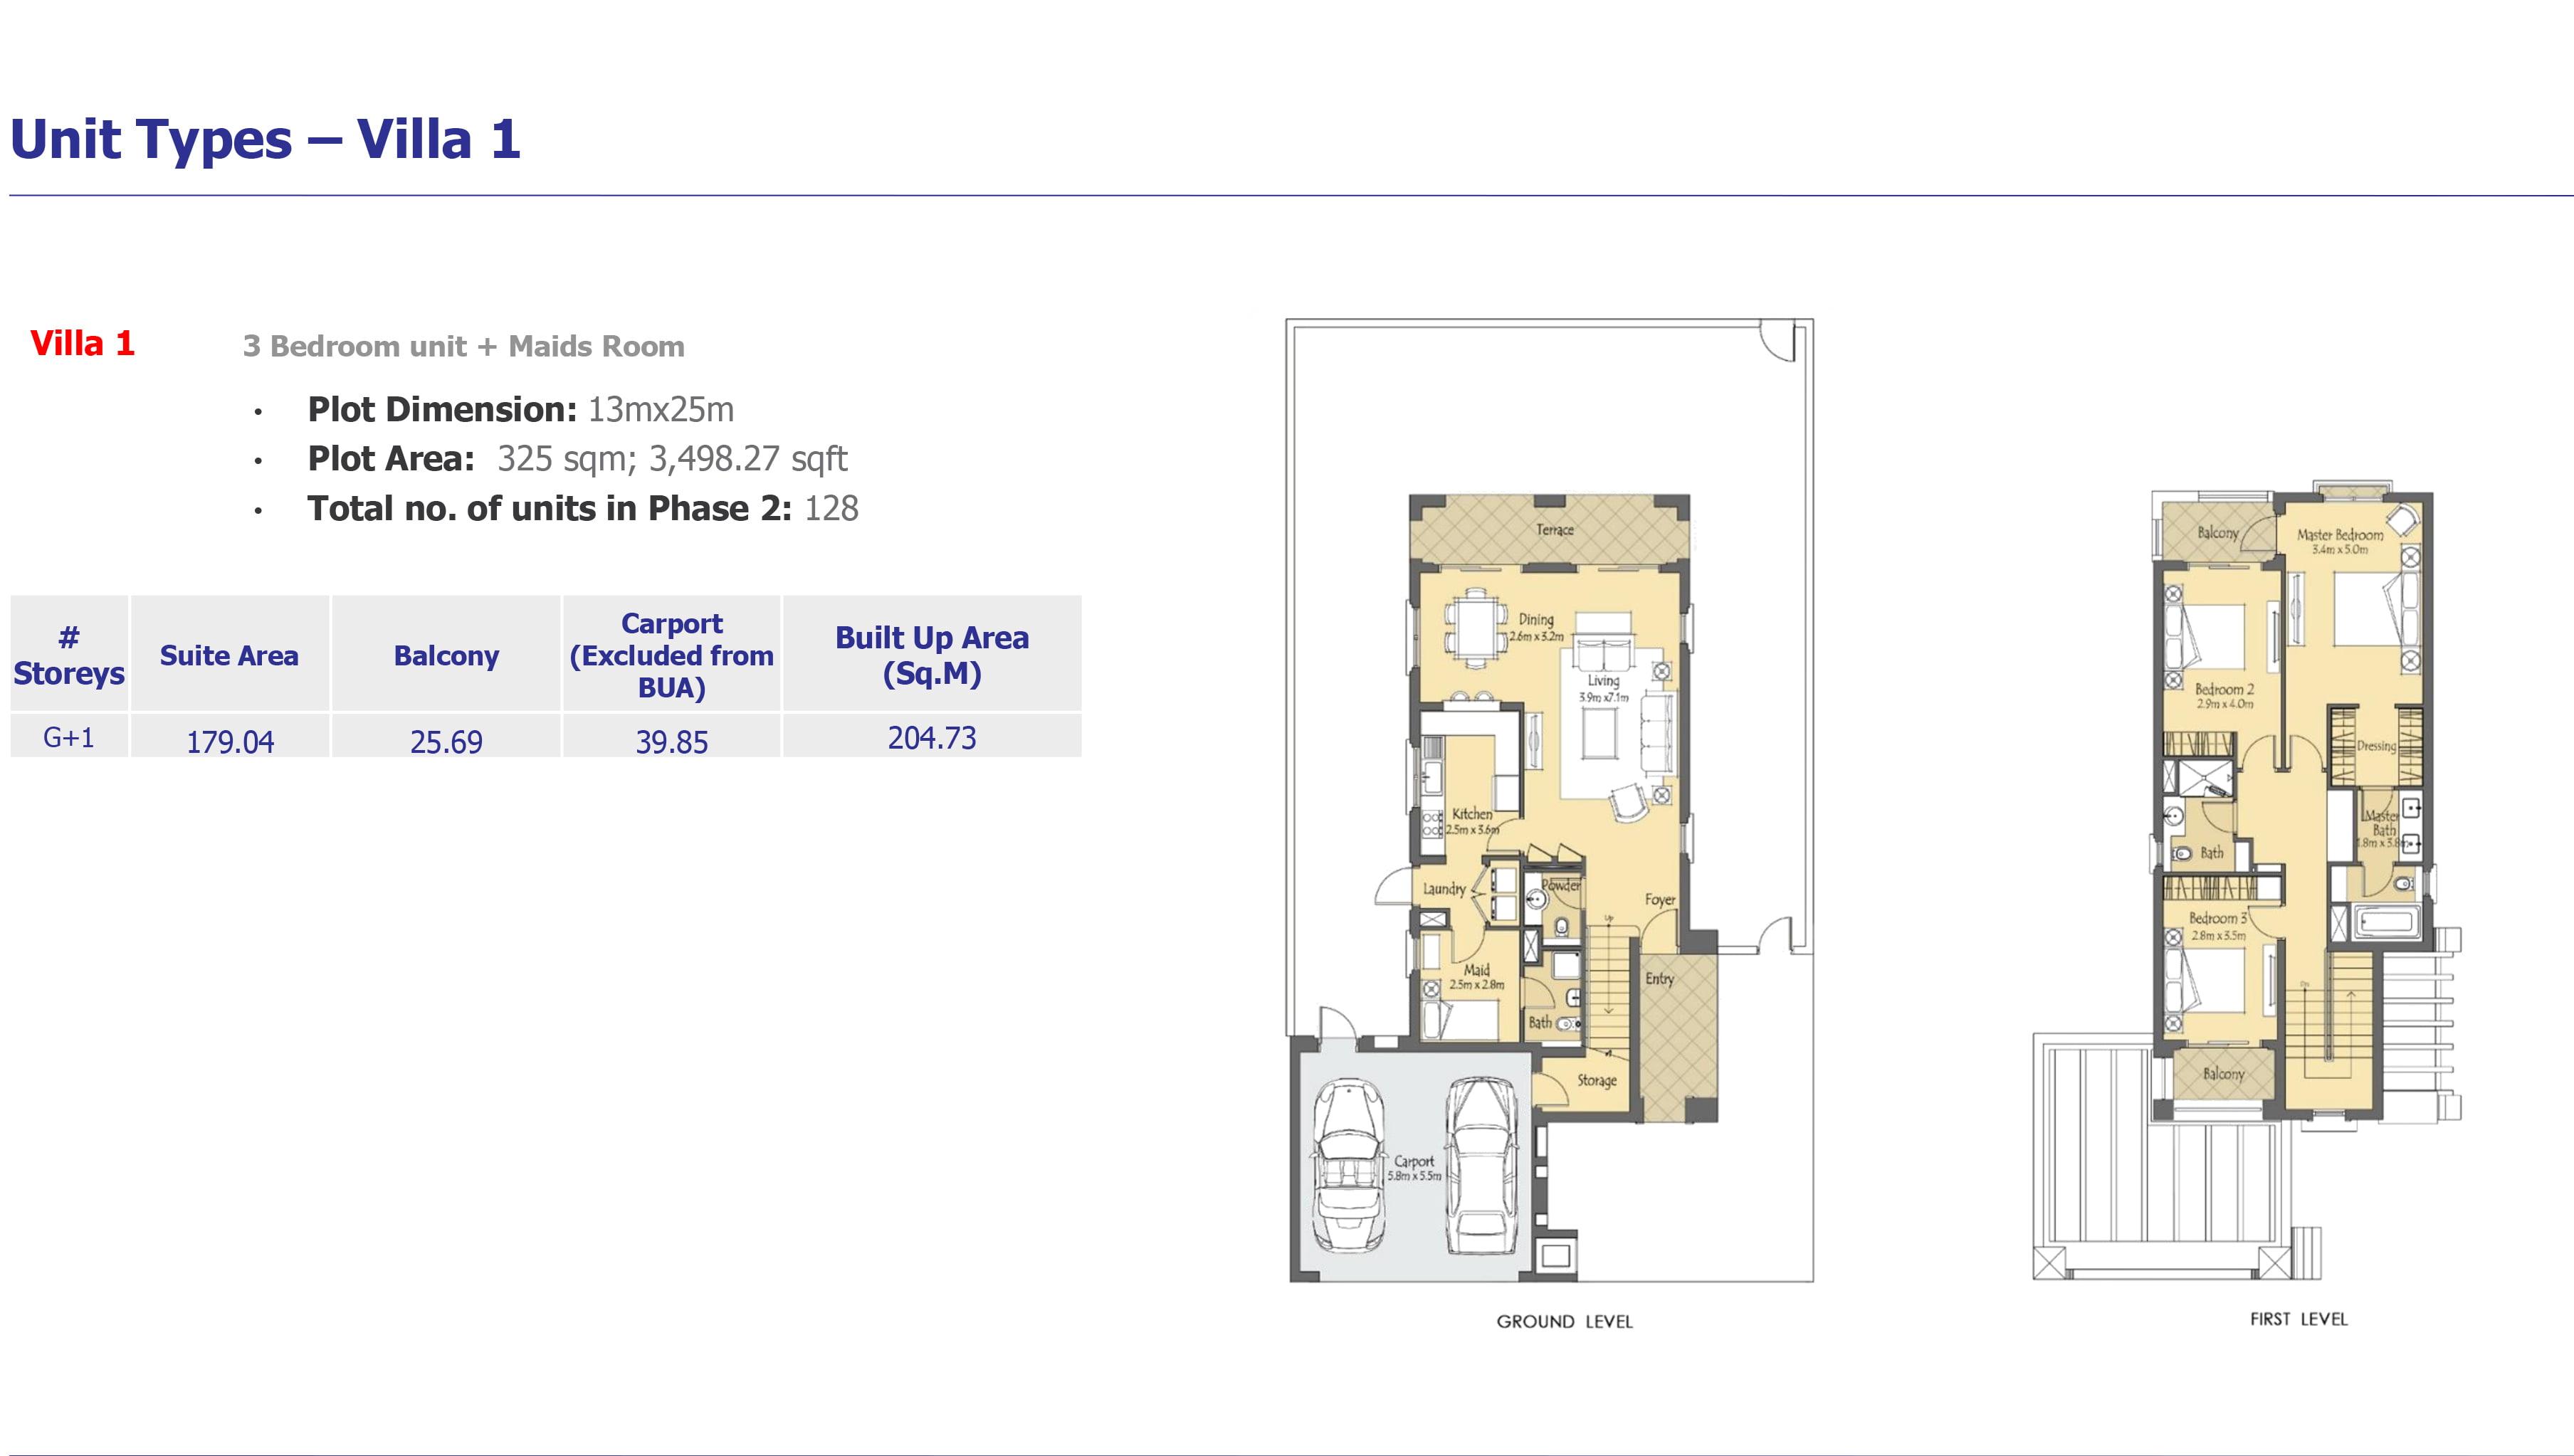 villa 1 - Villanova Phase 2 Floor Plans